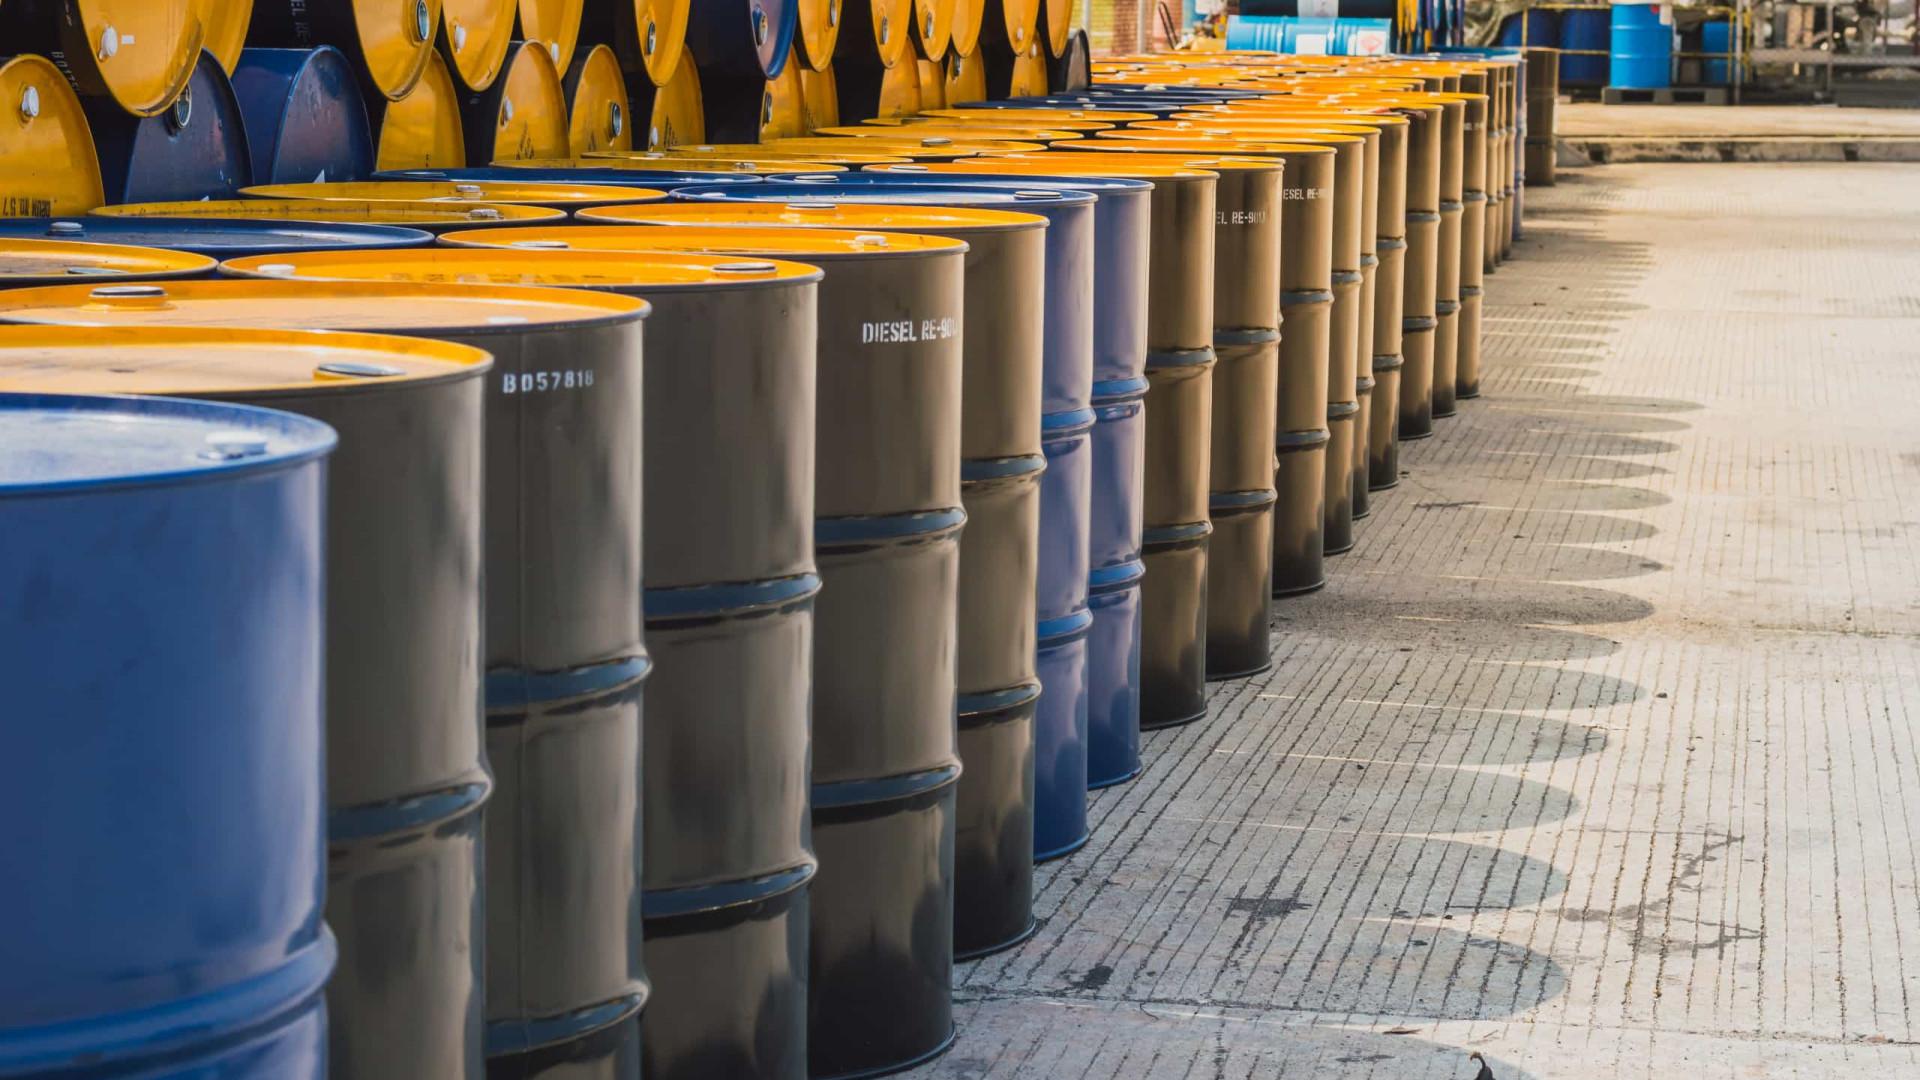 AIE/petróleo: excesso de oferta gerada na pandemia está quase de volta ao normal